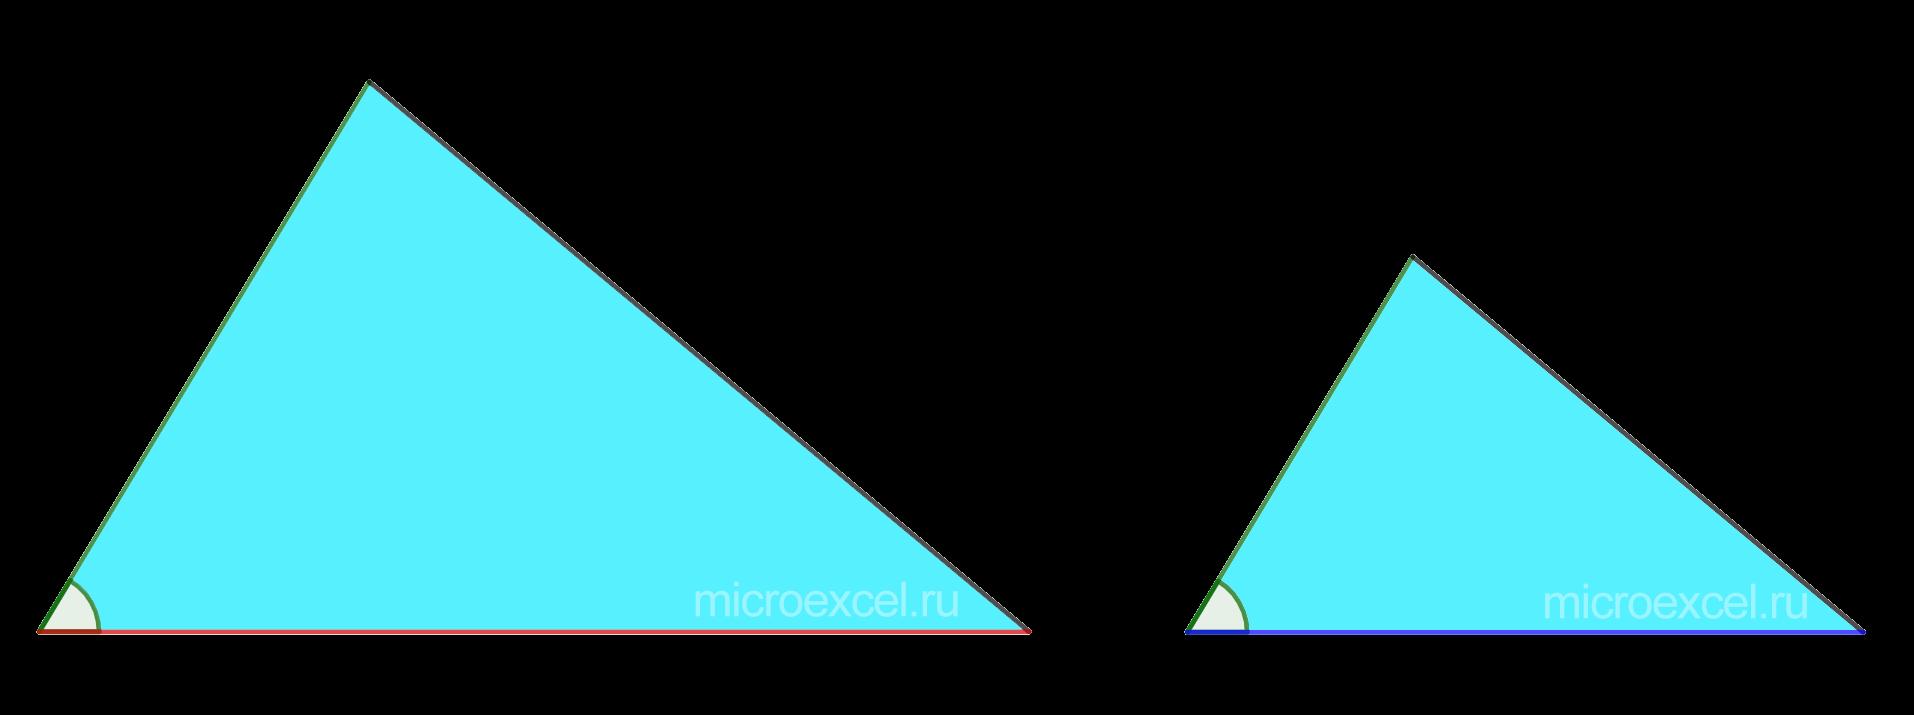 Подобные треугольники двум пропорциональным сторонам и равному углу между ними